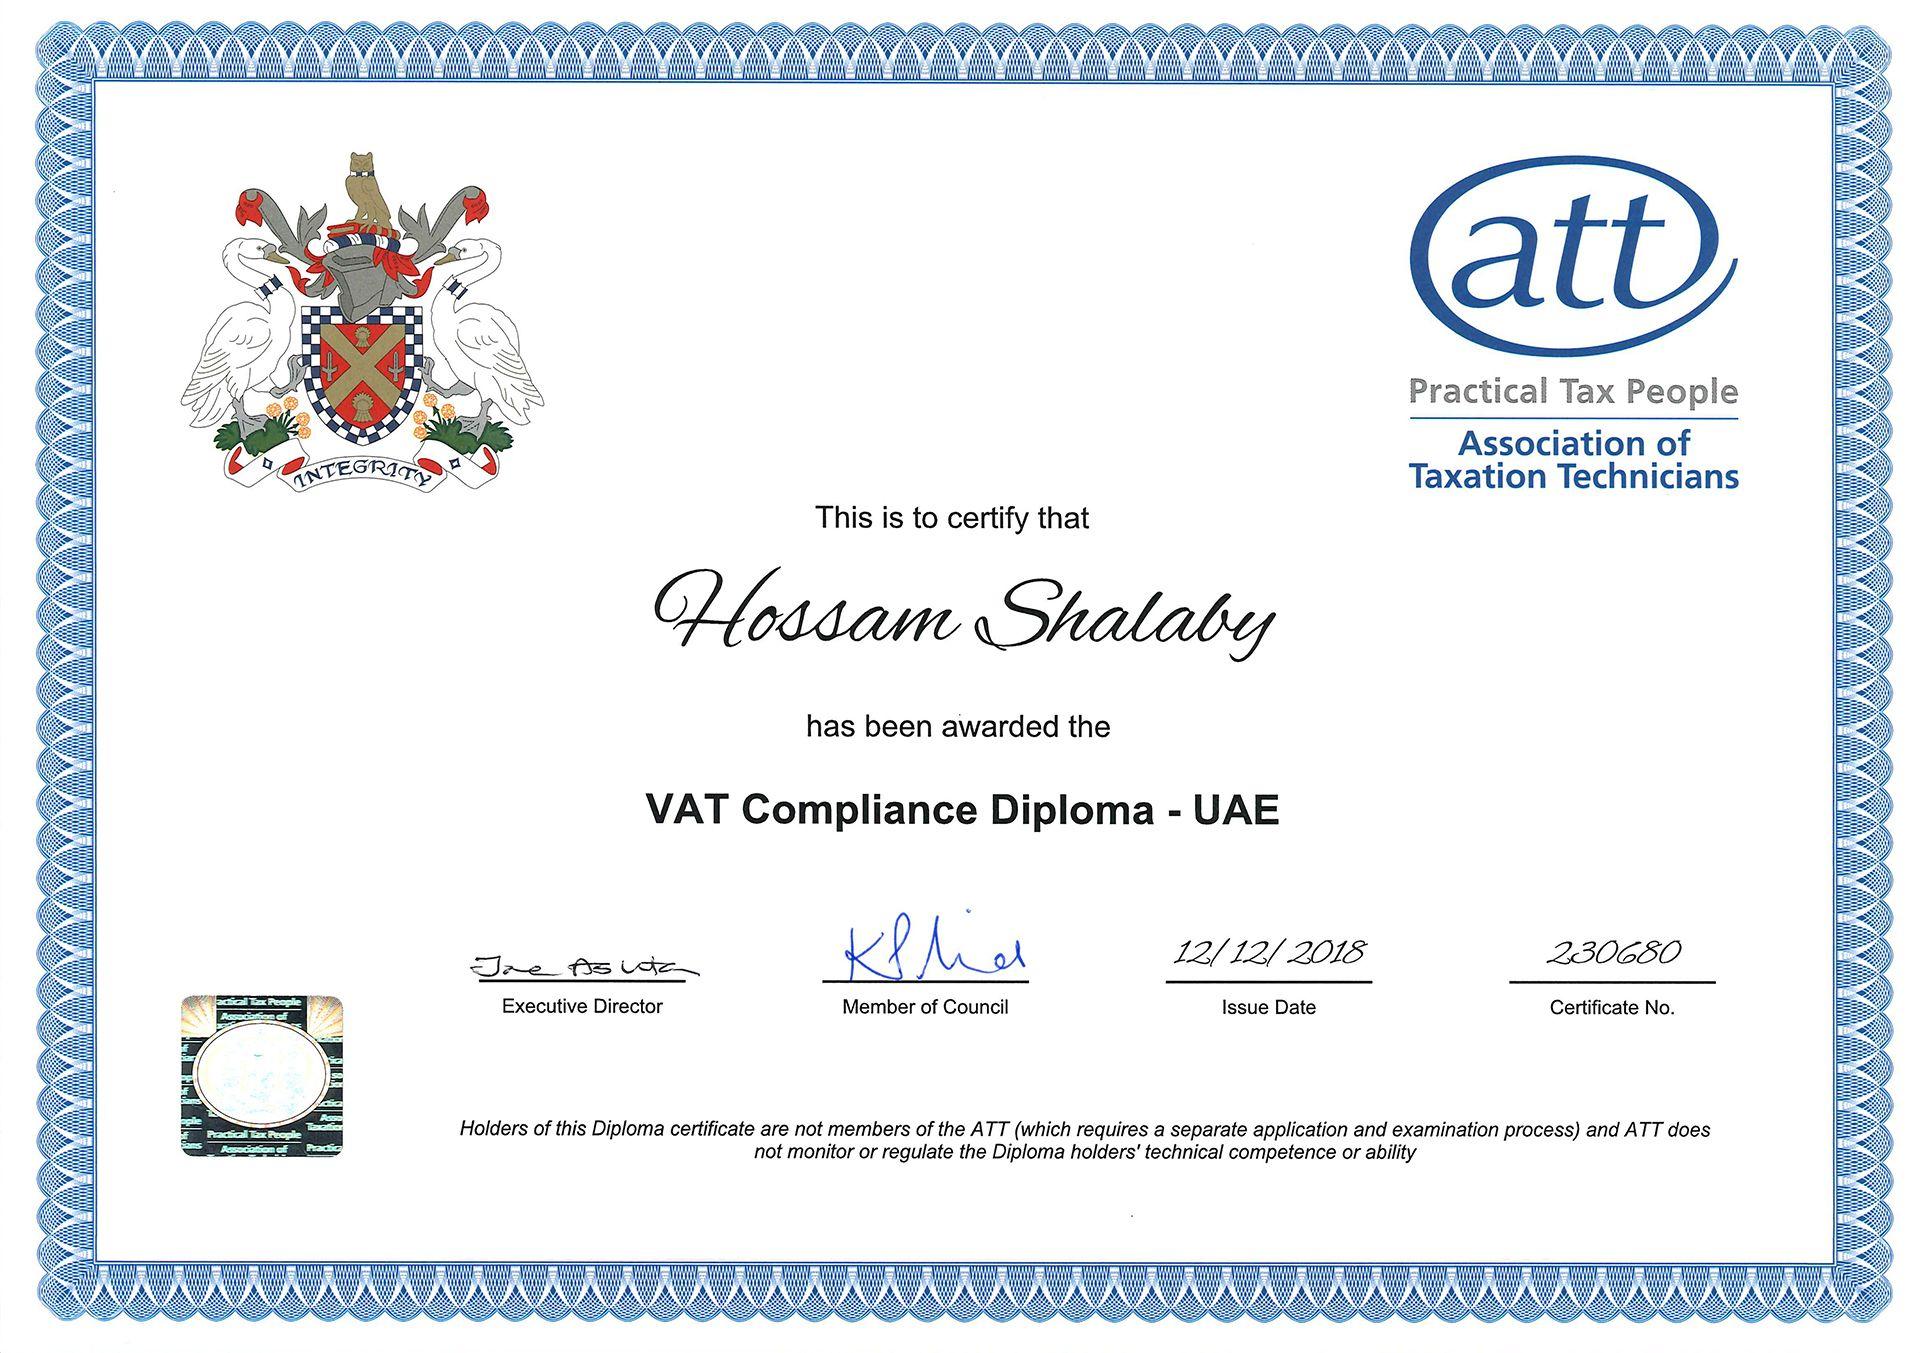 Hossam's Certificate